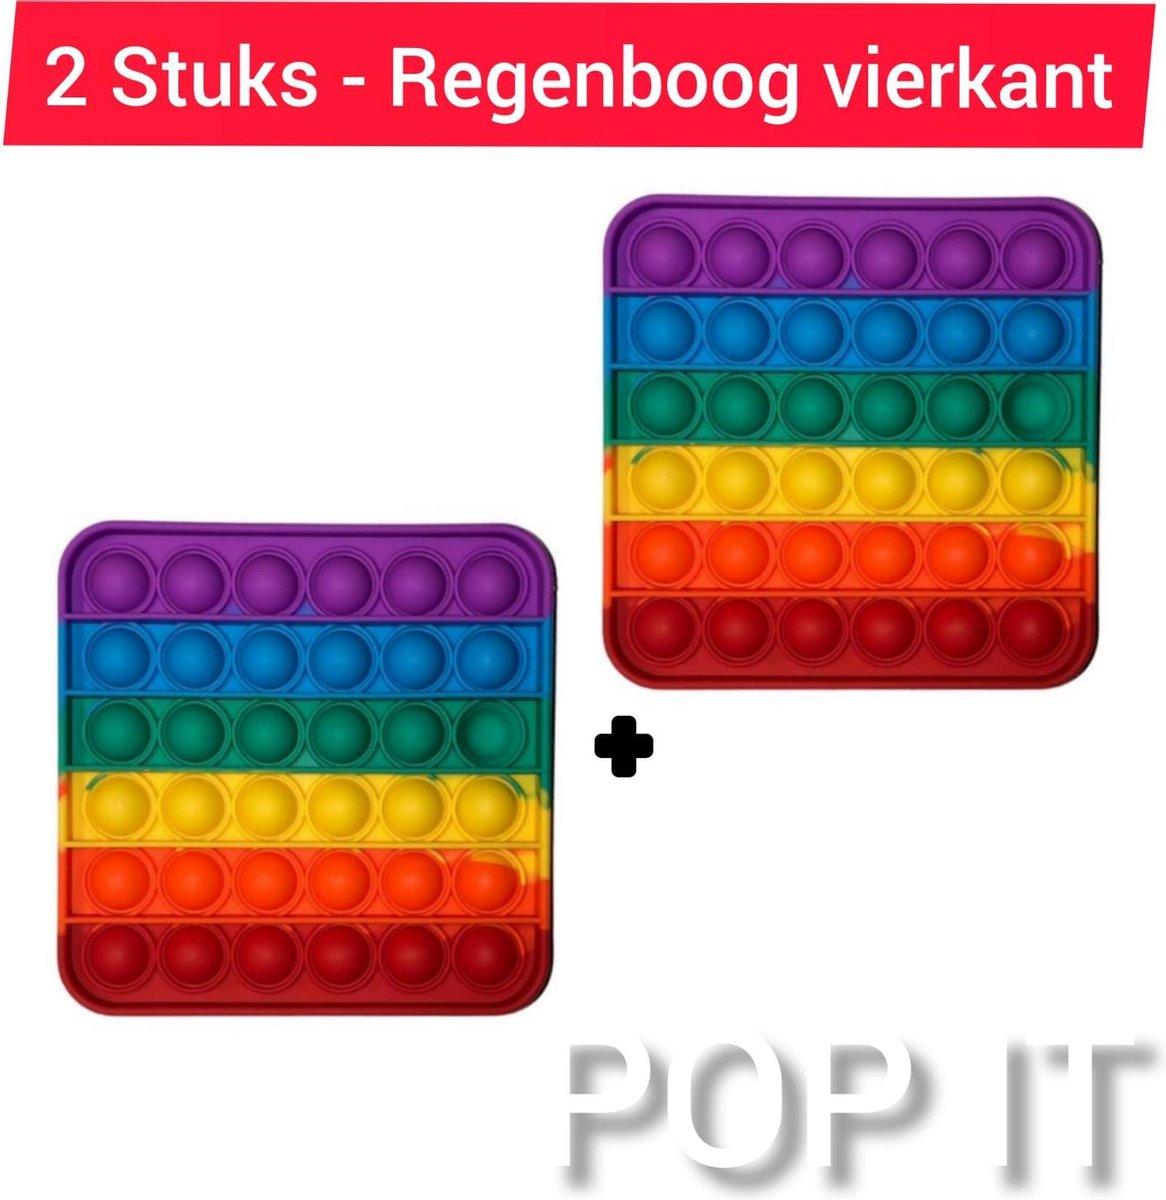 Fidget toys | Pop IT | Fidget toys pakket set van 2 stuks | 2 x Rainbow regenboog vierkant | Meisjes√ jongens√ volwassenen√ | Trend 2021 | Cadeautip _ Leuk voor zwembad